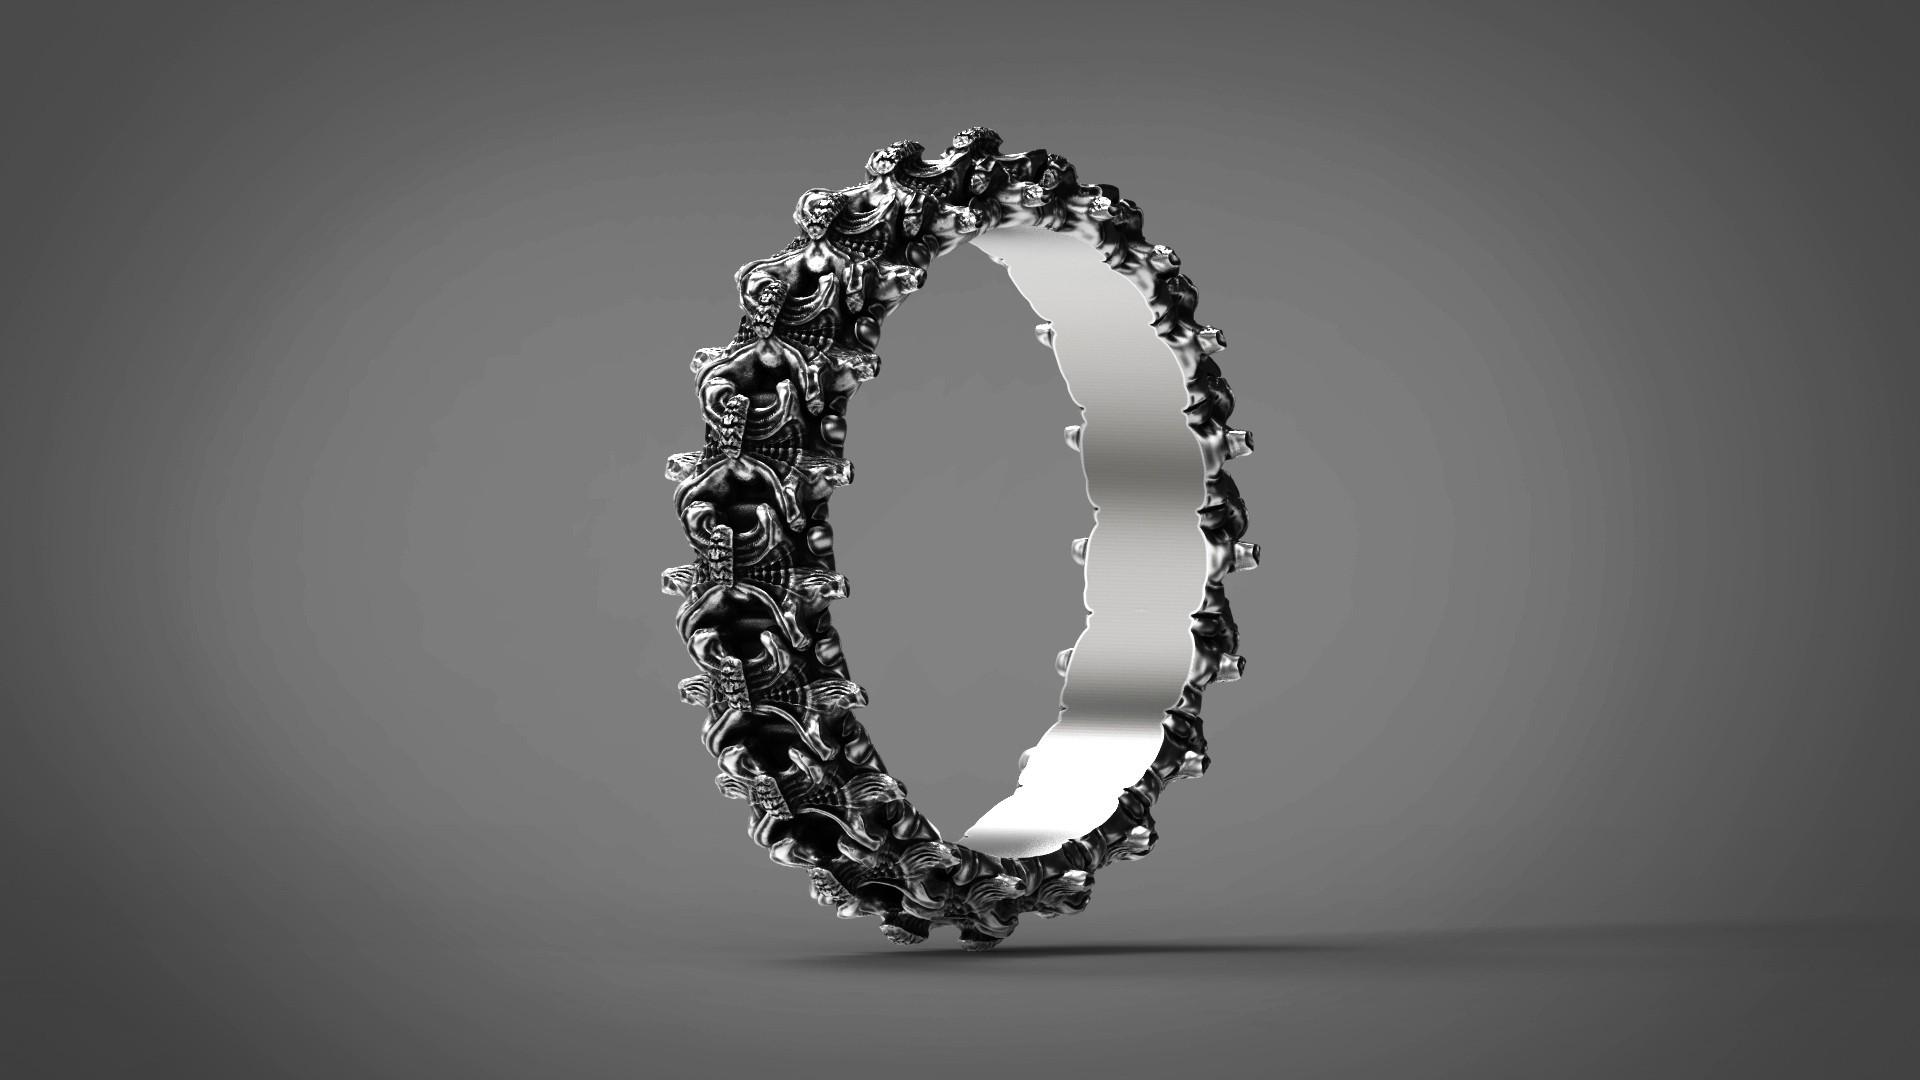 6.jpg Download OBJ file Biomechanical Ring - SpineRing  • 3D print object, Roman_Kharikov